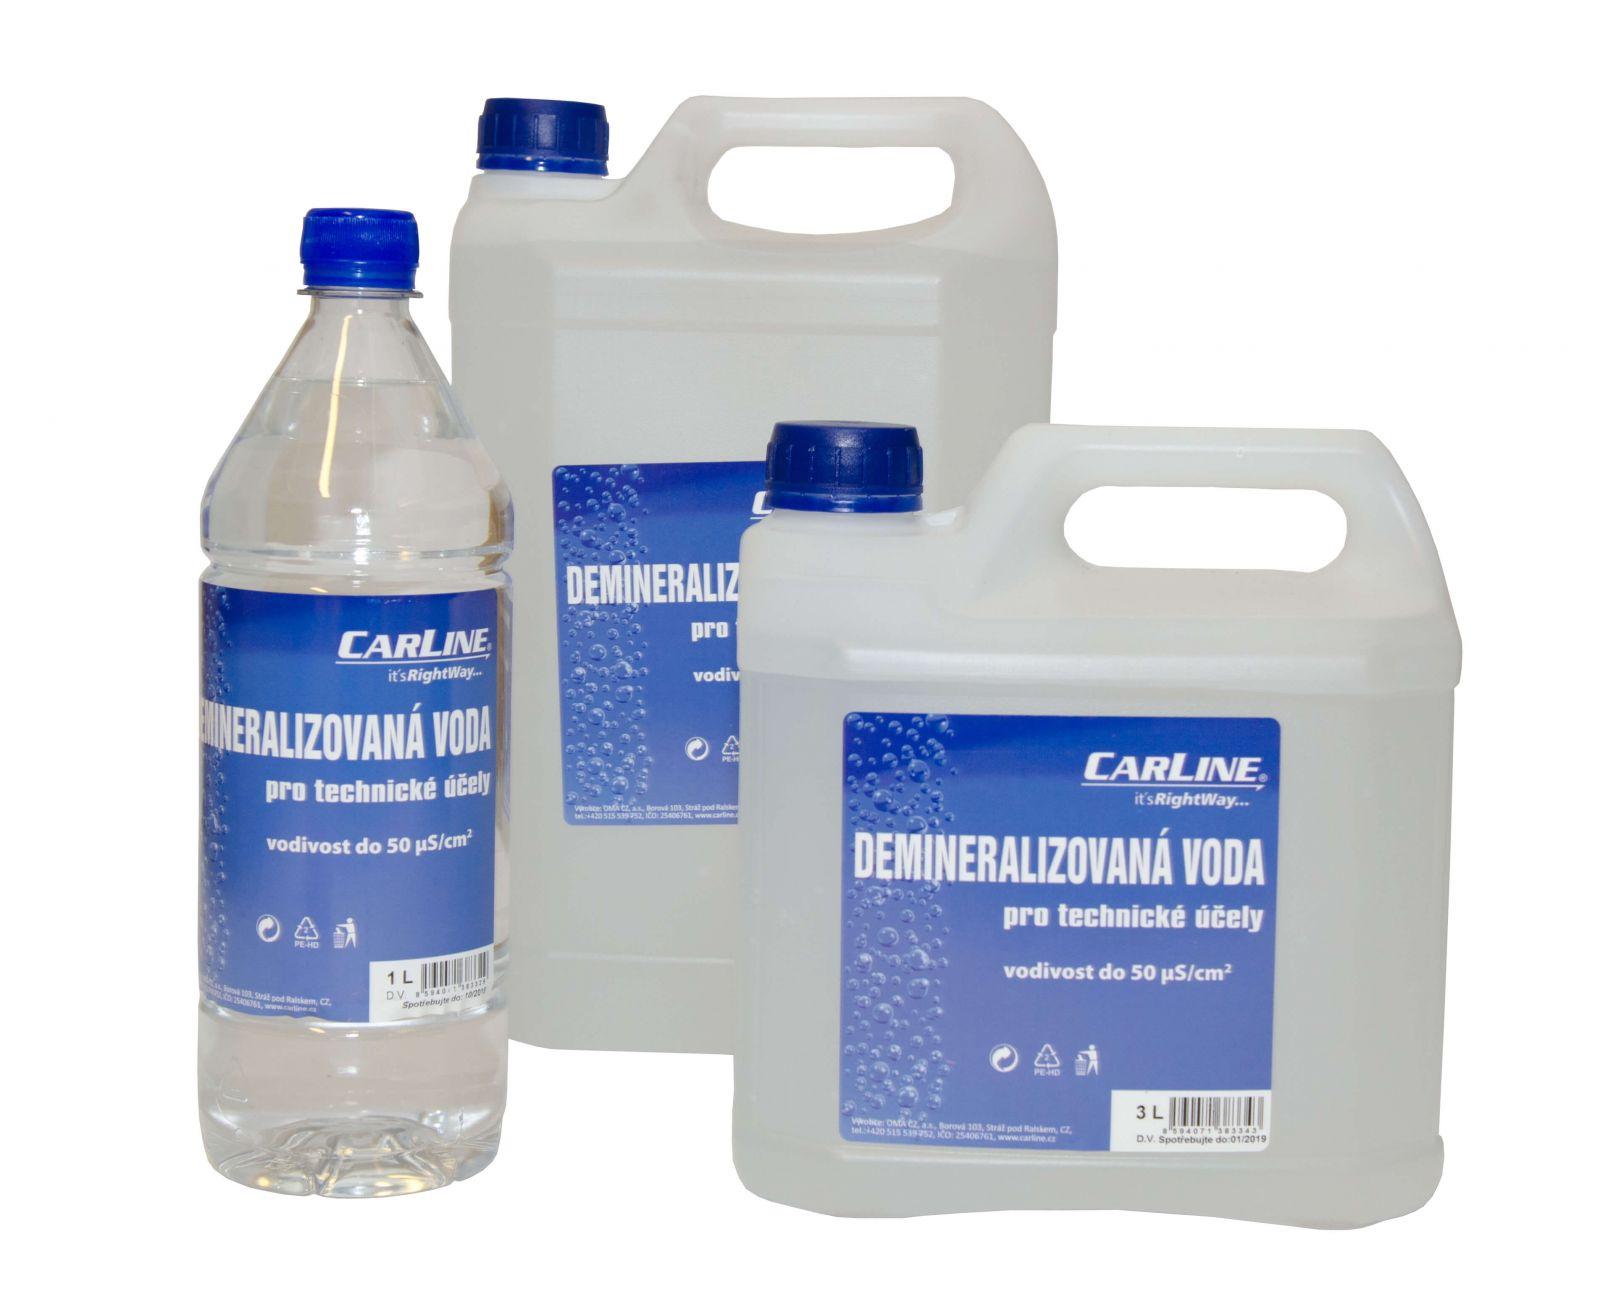 Carline Demineralizovaná voda 25L